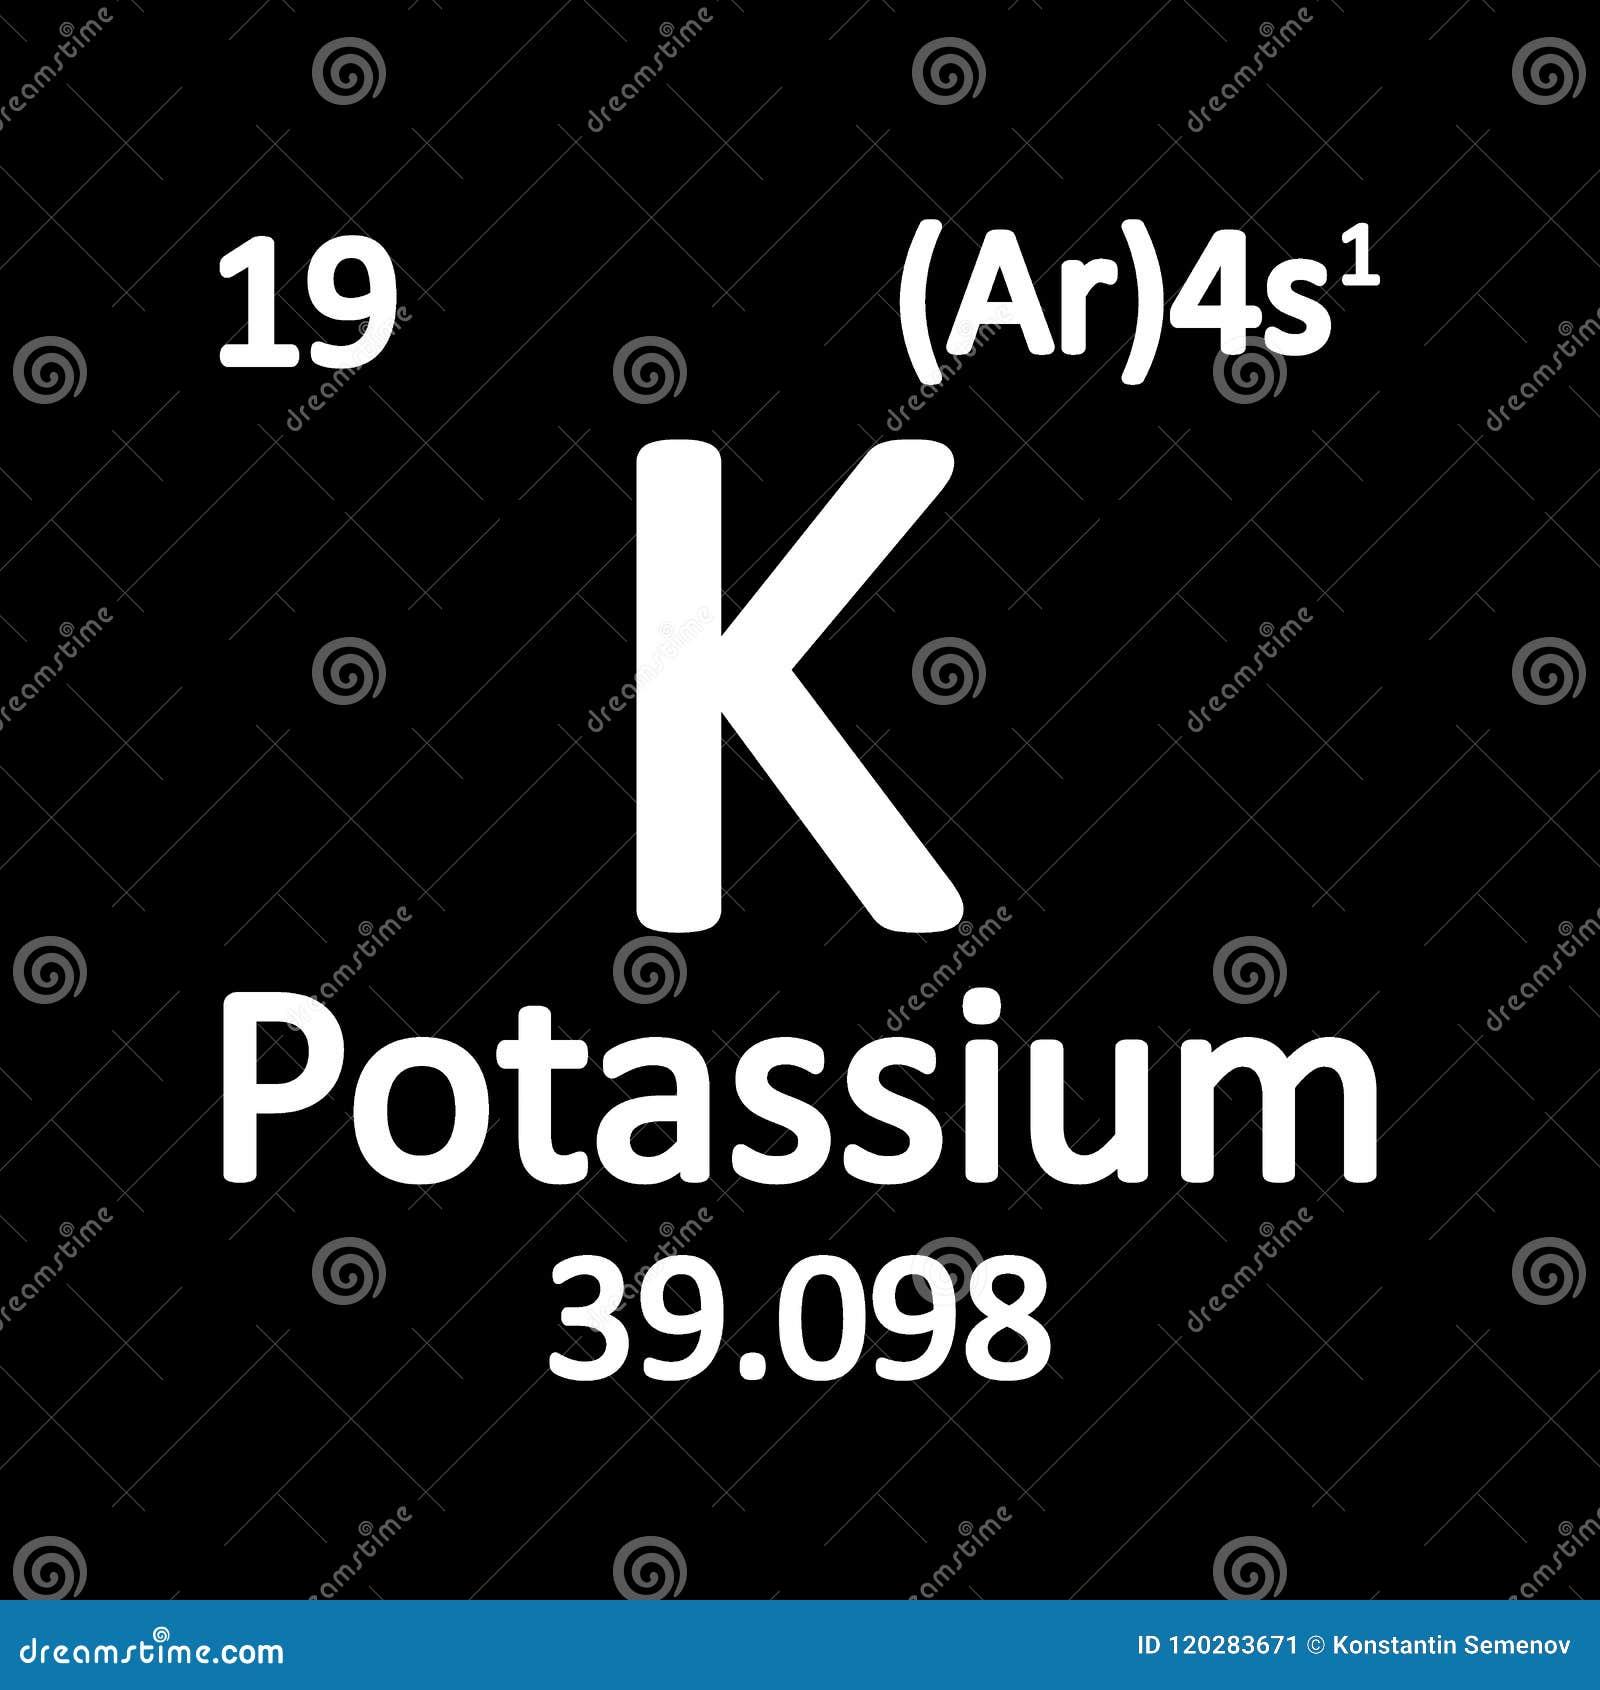 Periodic table element potassium icon stock illustration download comp urtaz Images